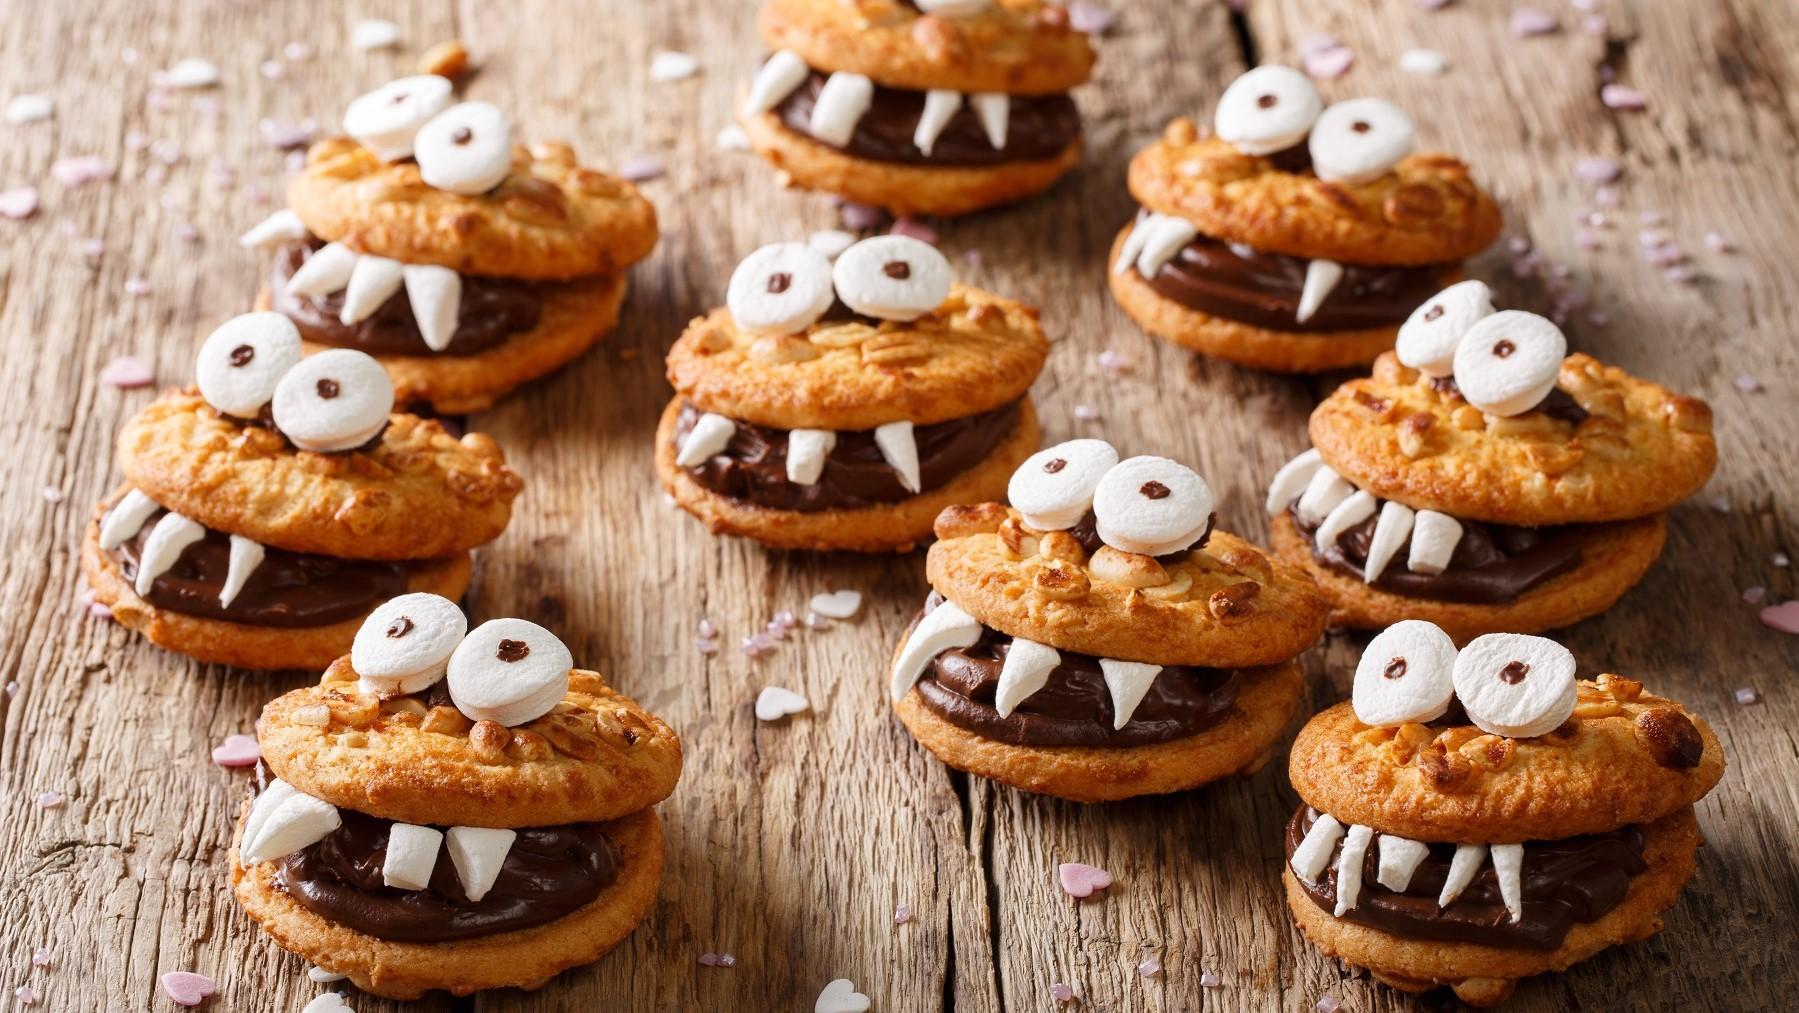 Mehrere Monster-kekse mit Marshmallow-Augen und Schokocreme liegen auf einem Holztisch. Um die Monster herum liegen Streusel in Herzform.